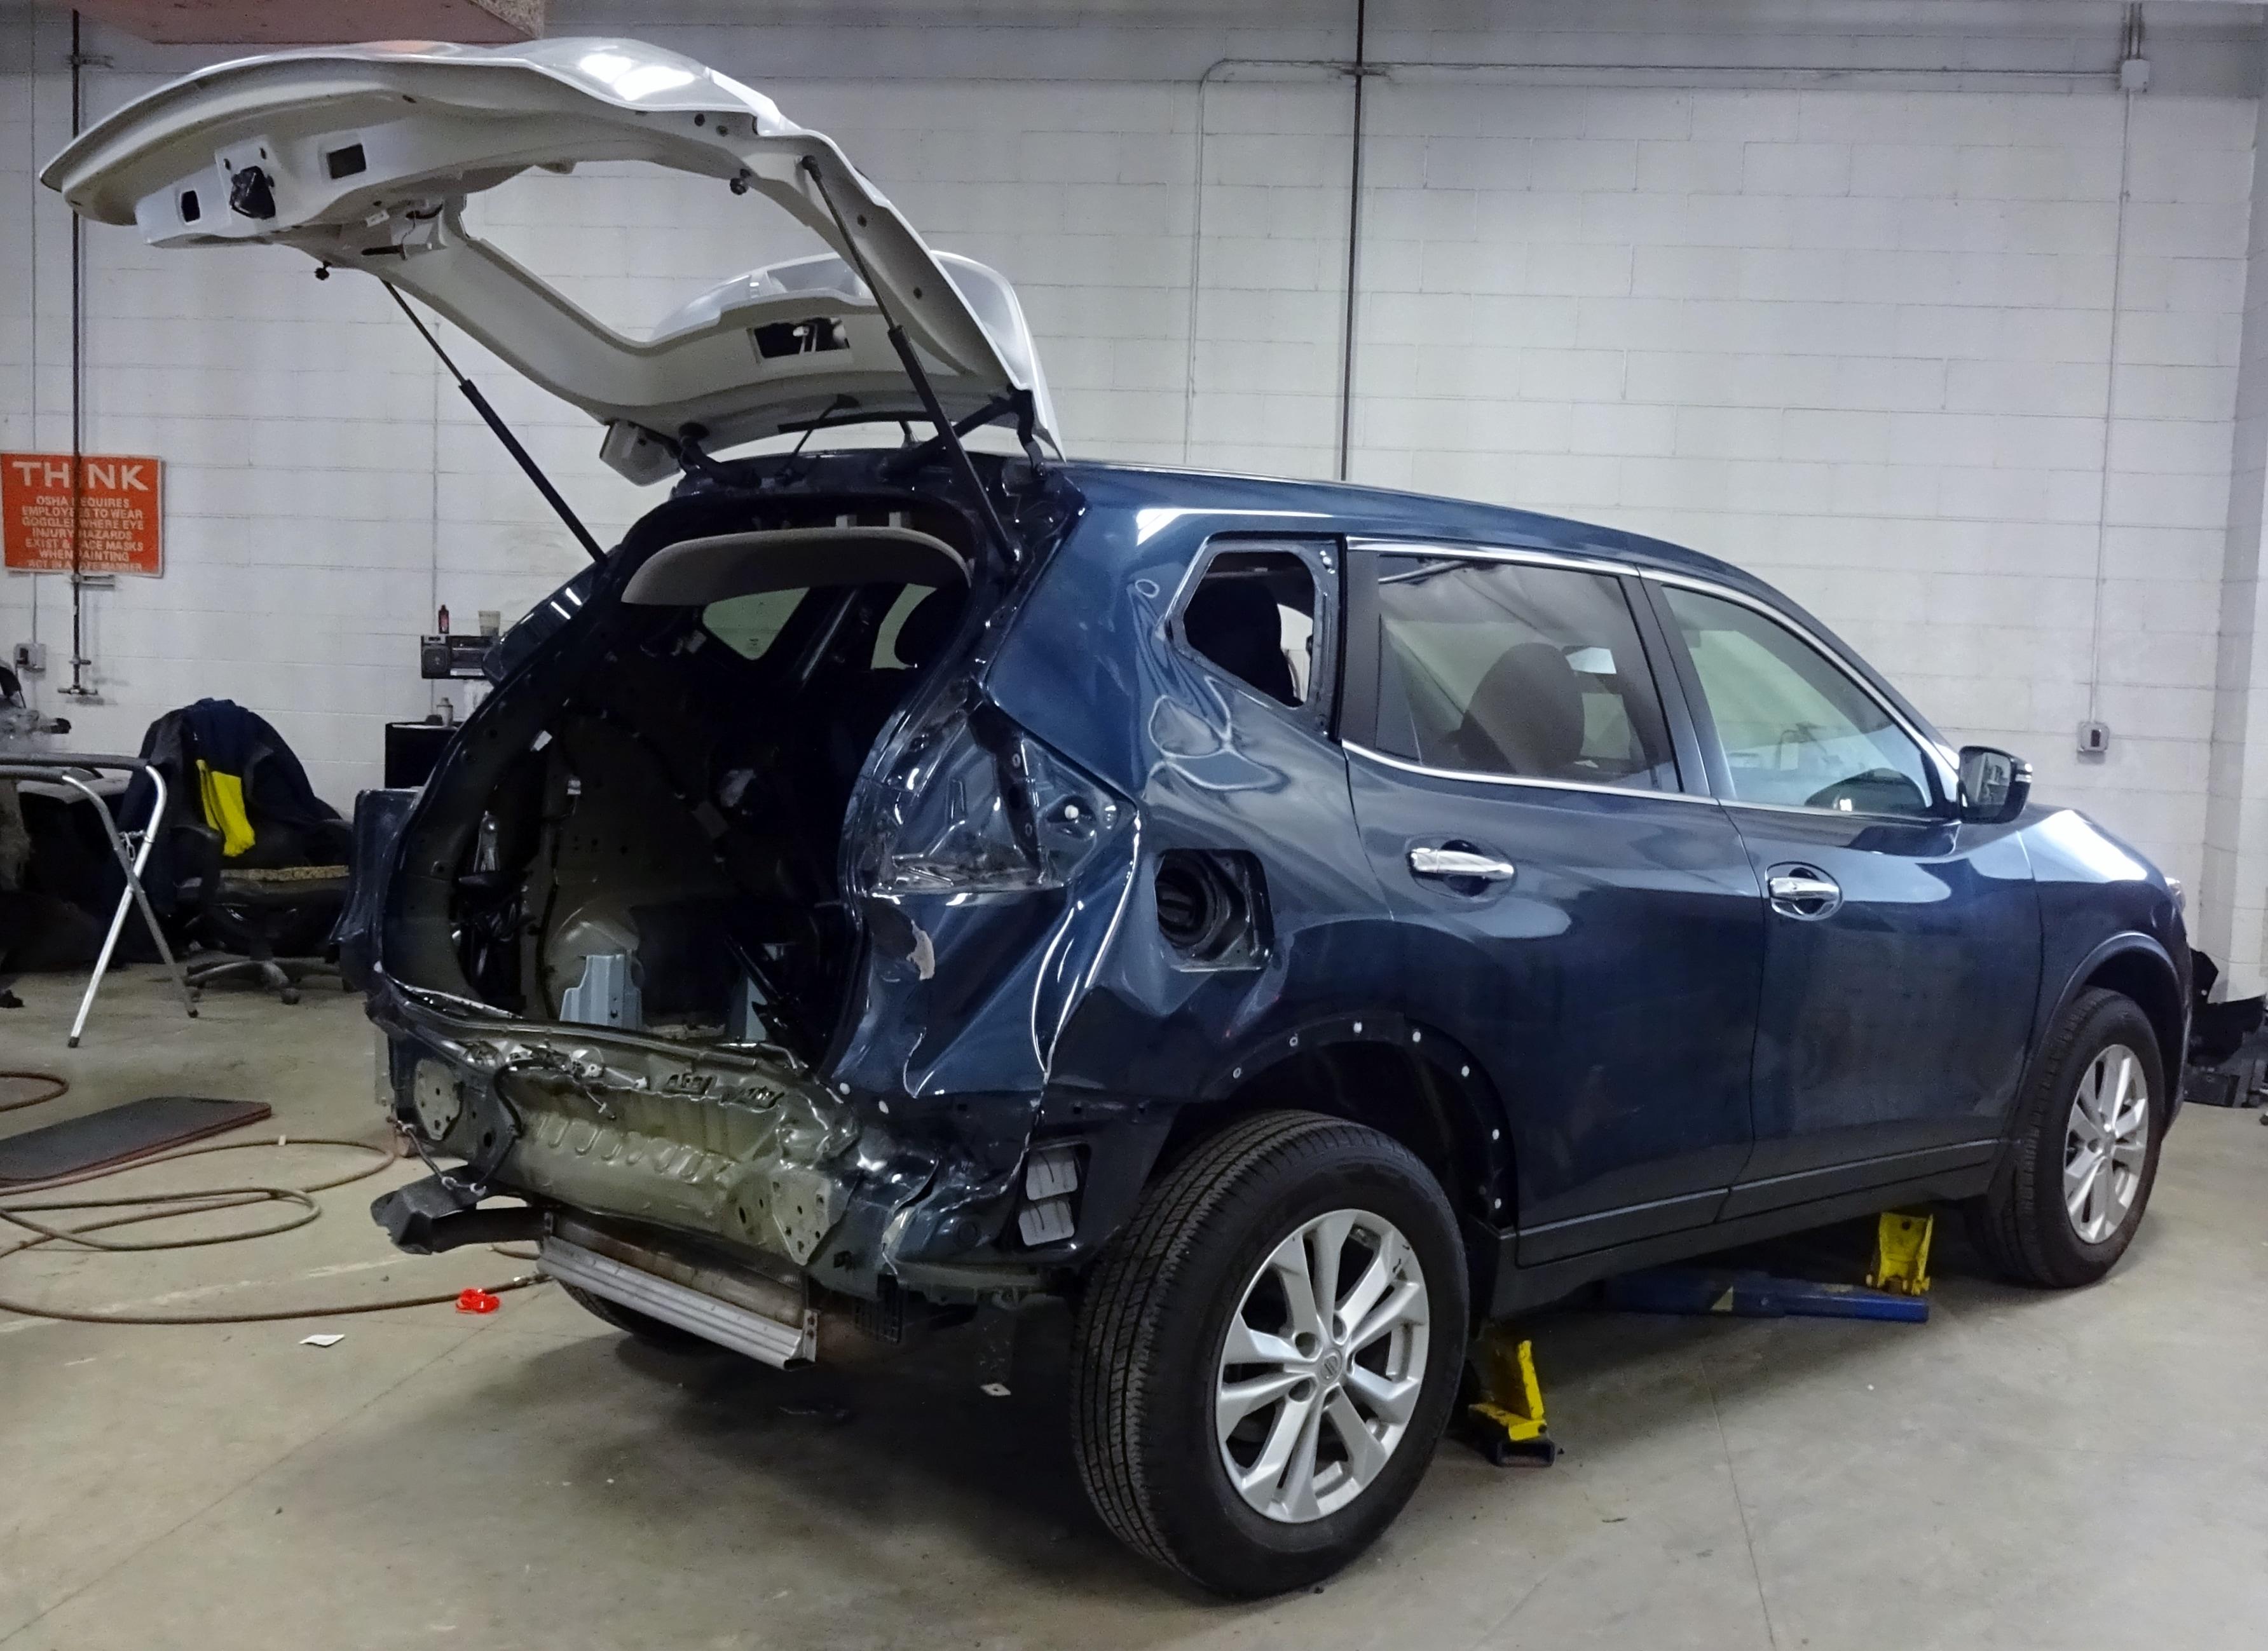 Gezon Motors New Mitsubishi Nissan Volkswagen Dealership In Grand Rapids Mi 49525